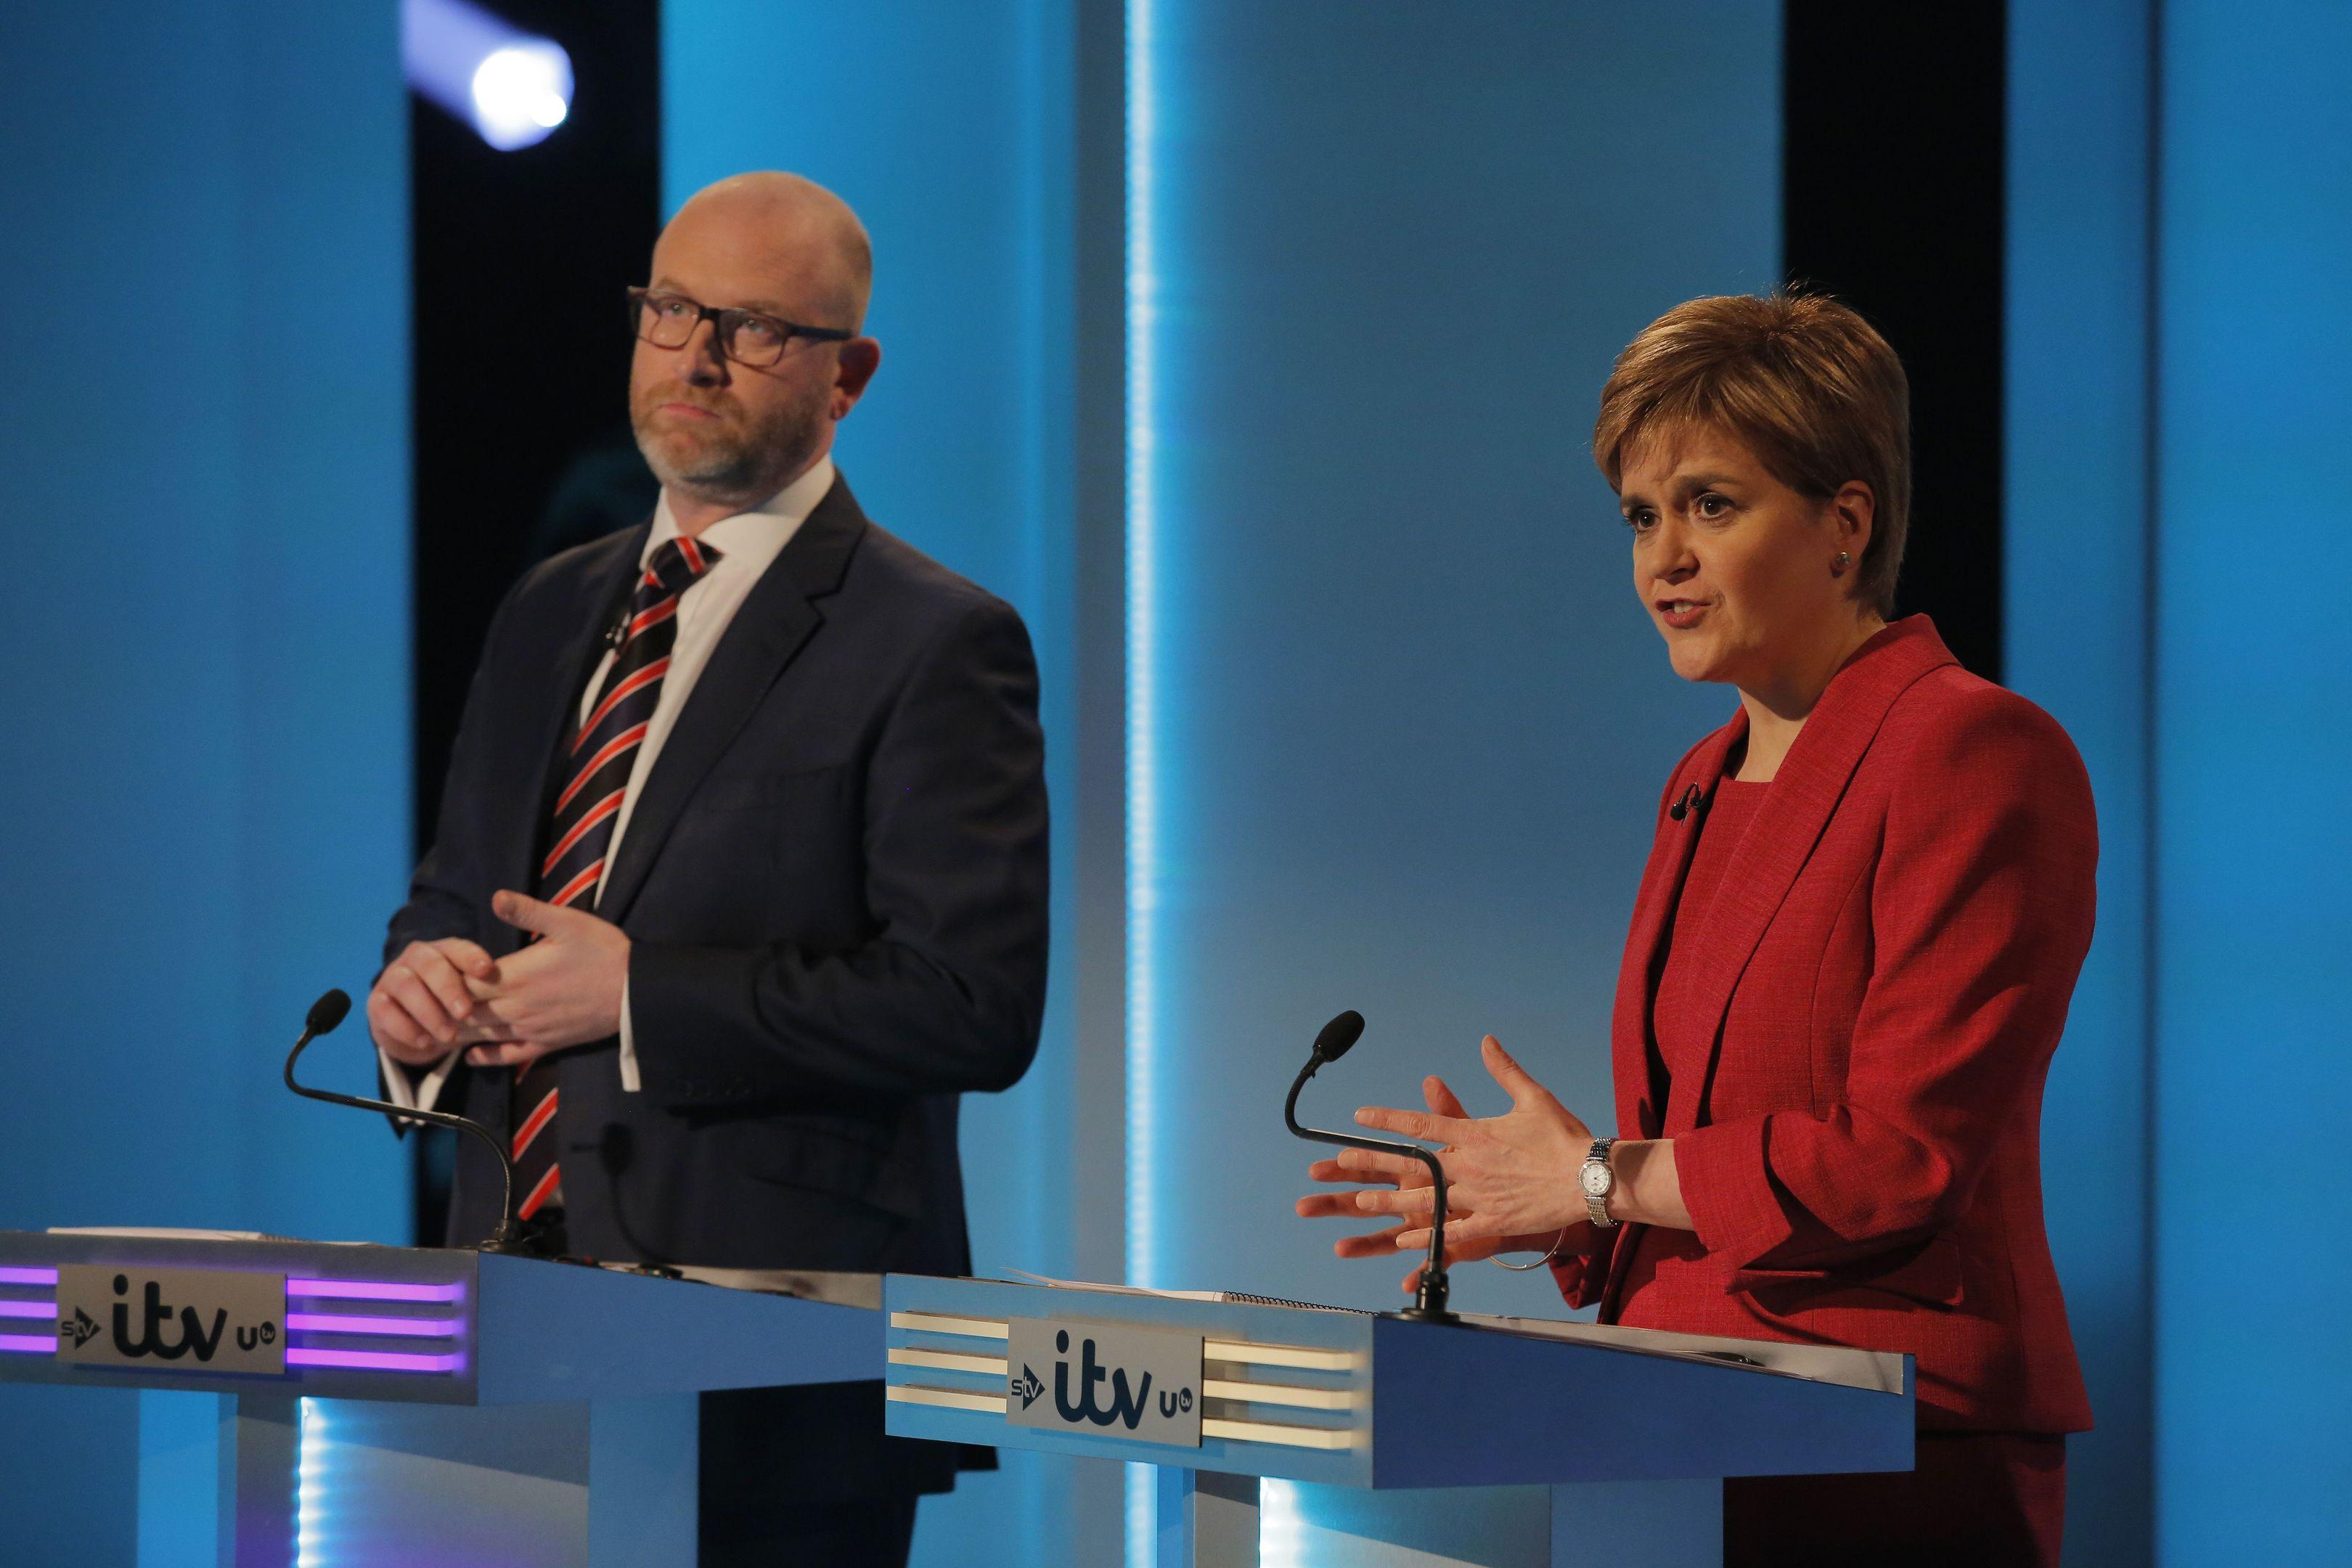 Nicola Sturgeon debating alongside Ukip leader Paul Nuttall.